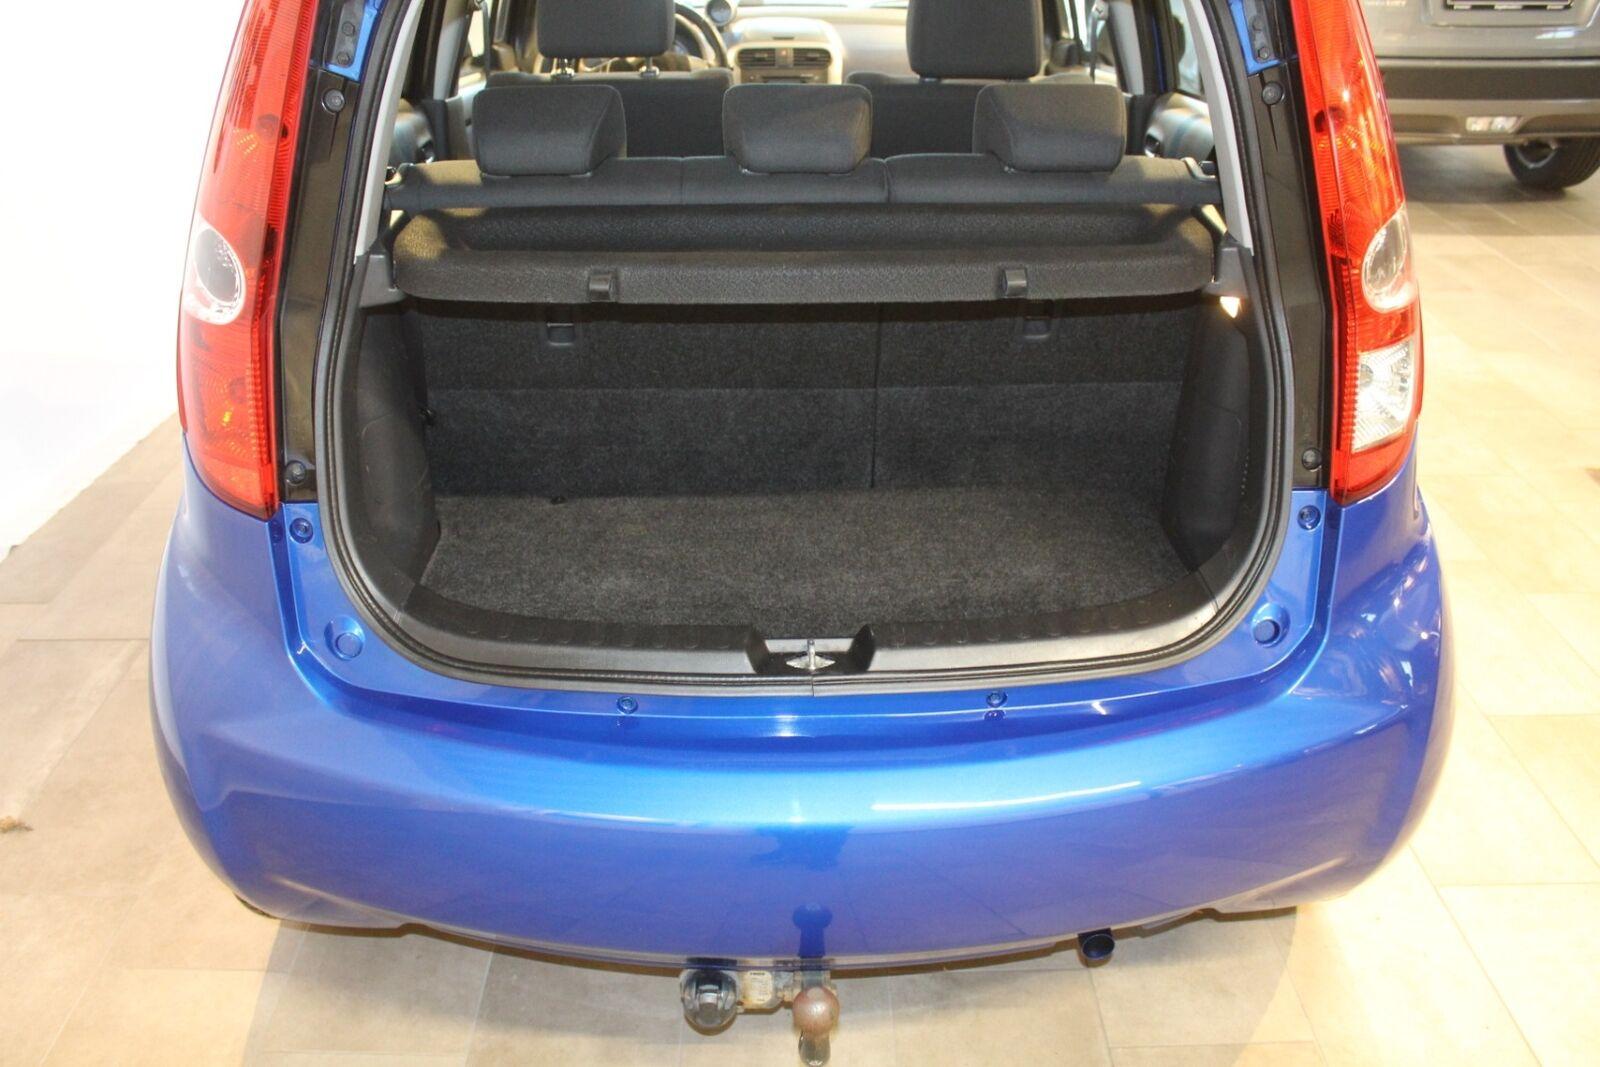 Suzuki Splash 1,2 GLS